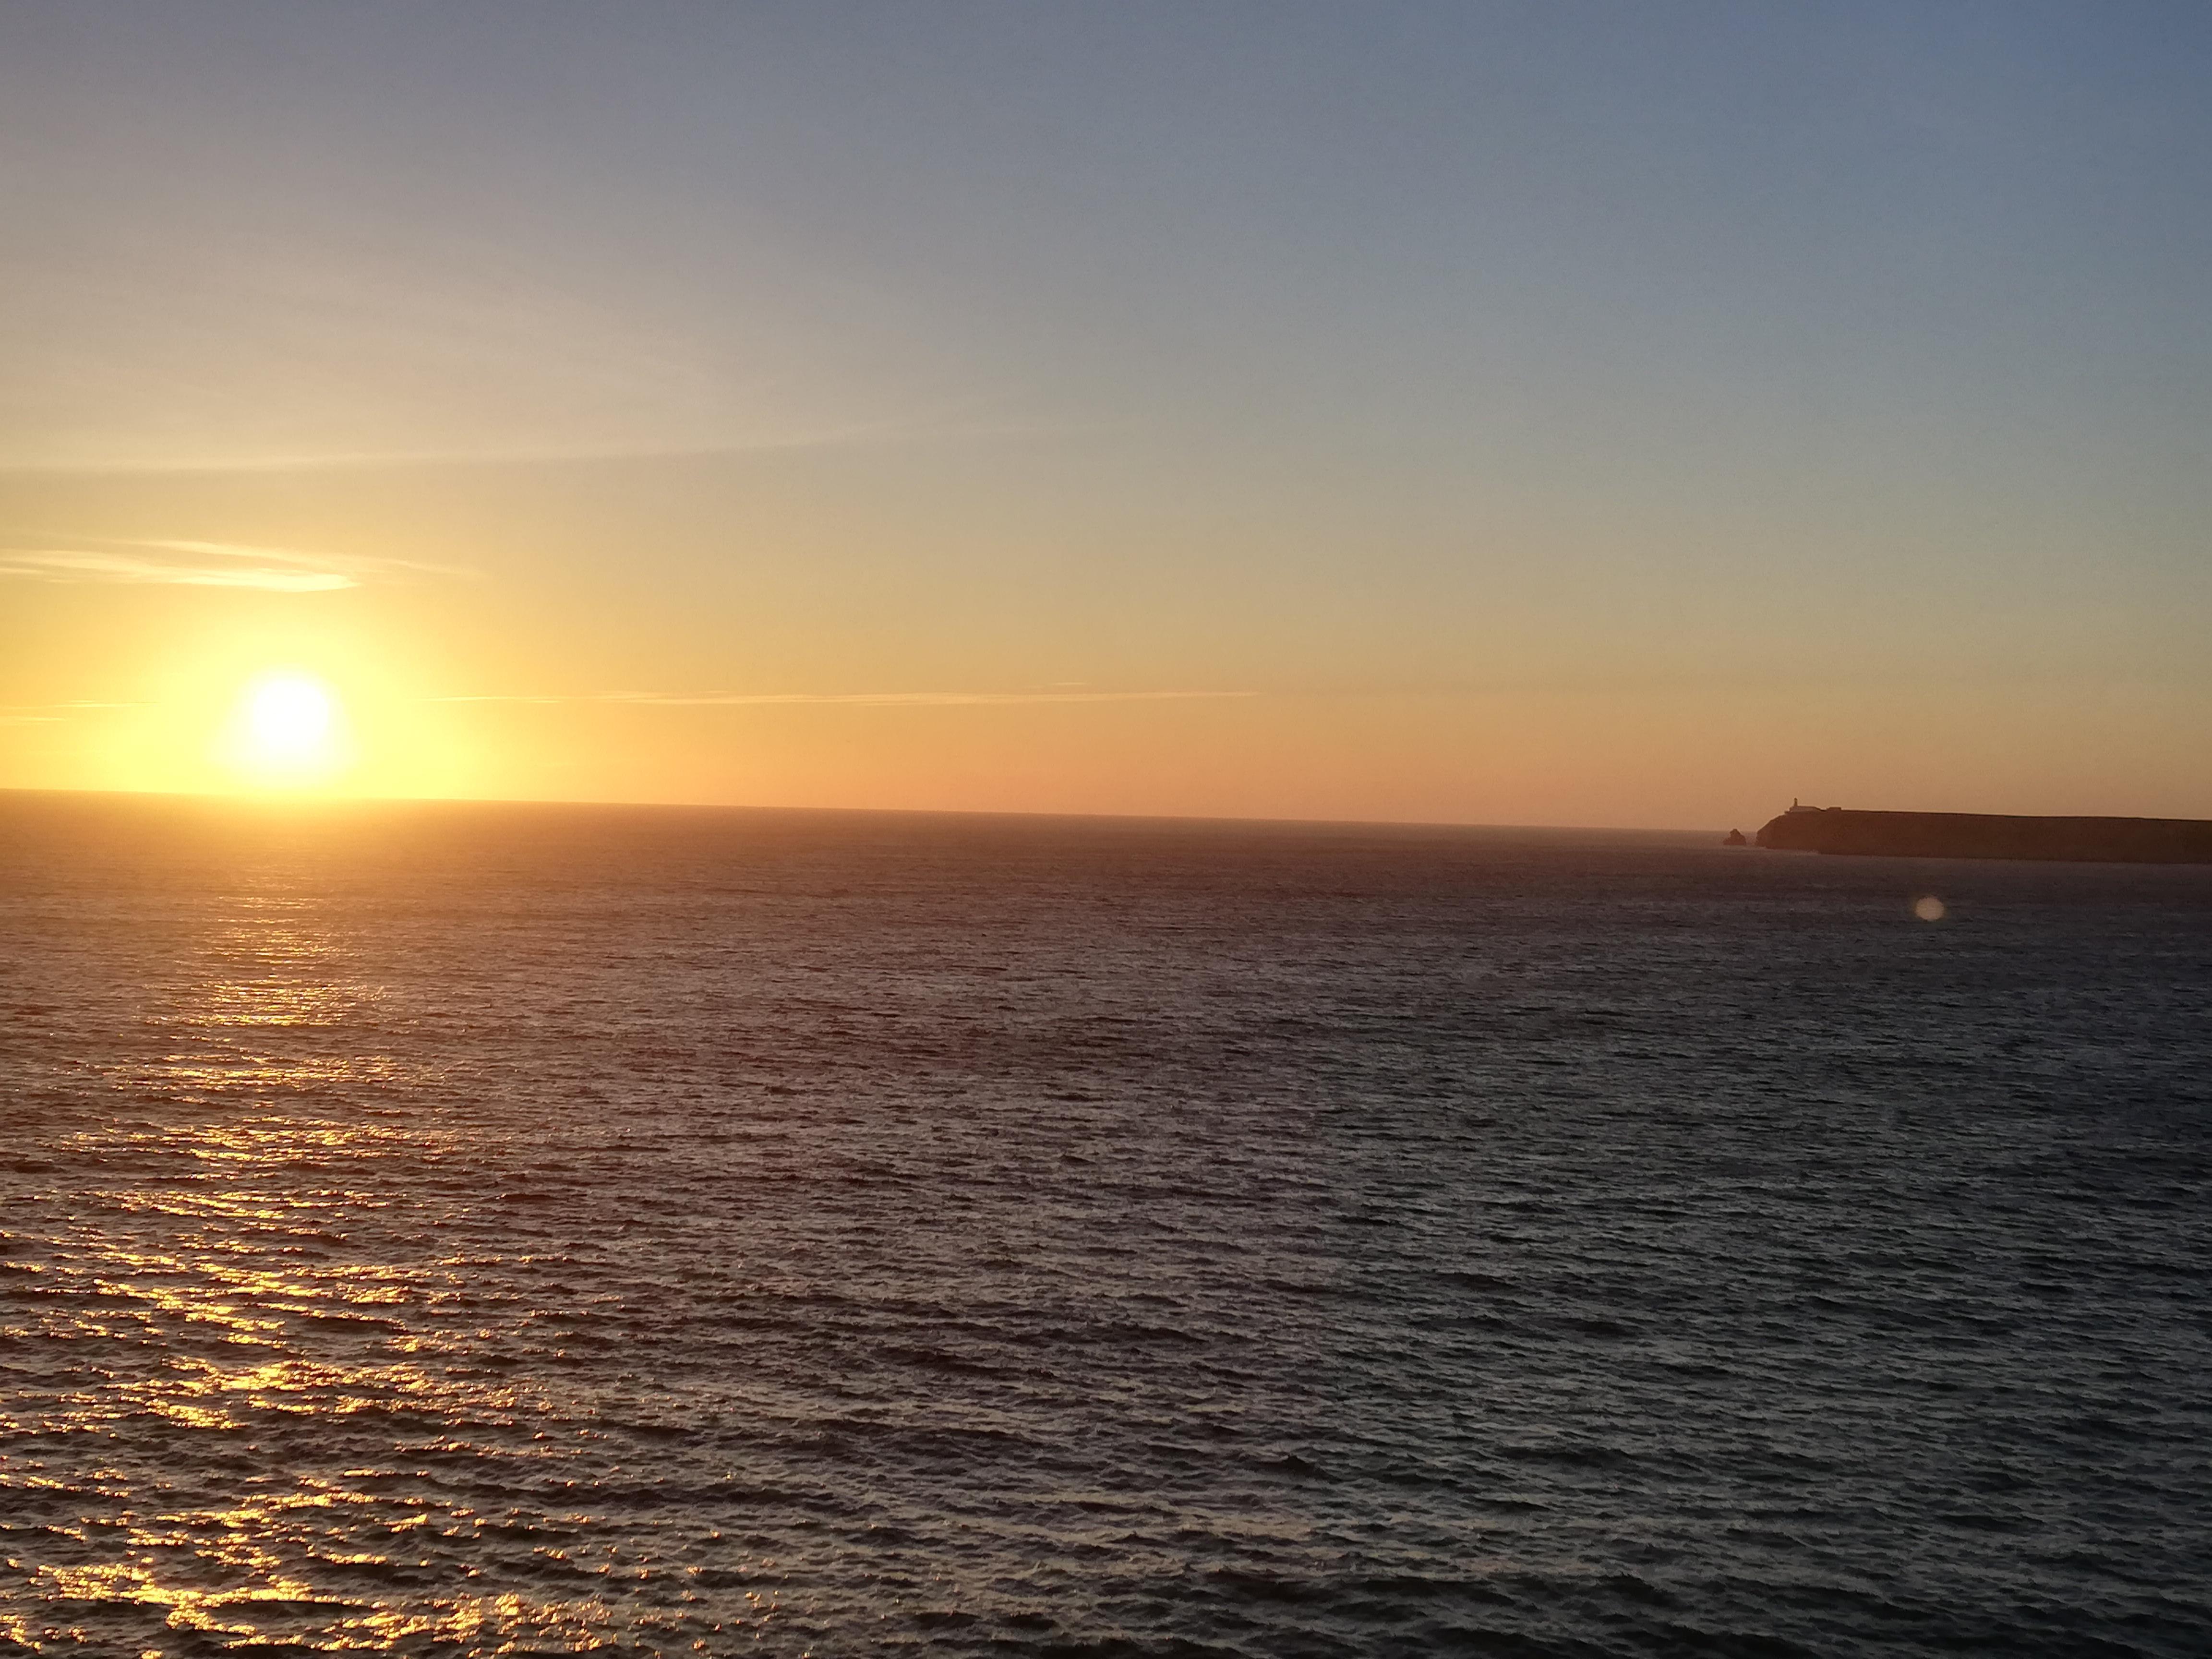 marilena pepe consulente viaggi portogallo sagres